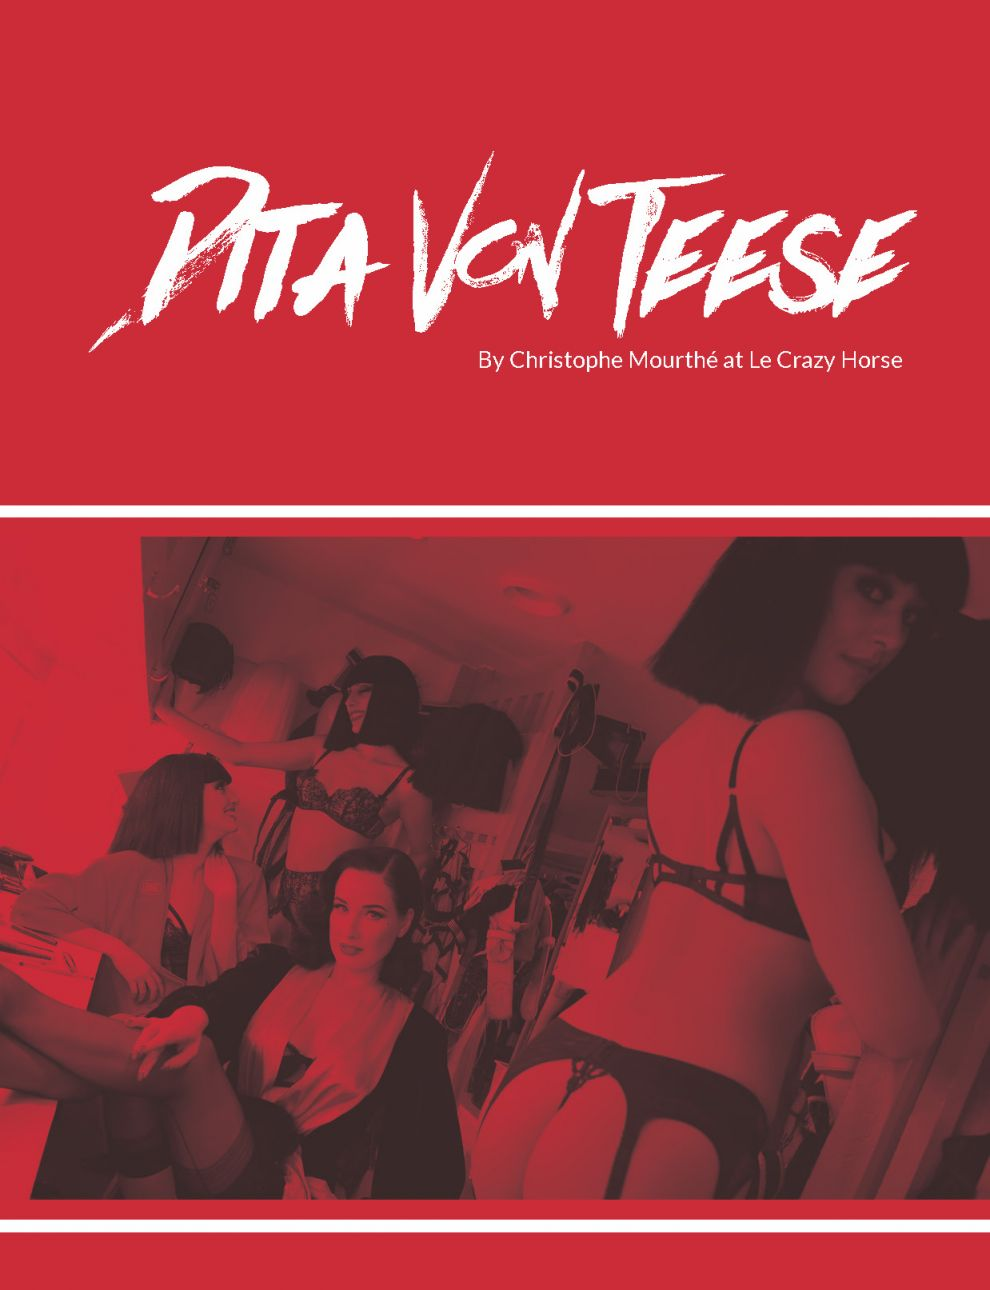 Dita-von-Teese-Sexy-1